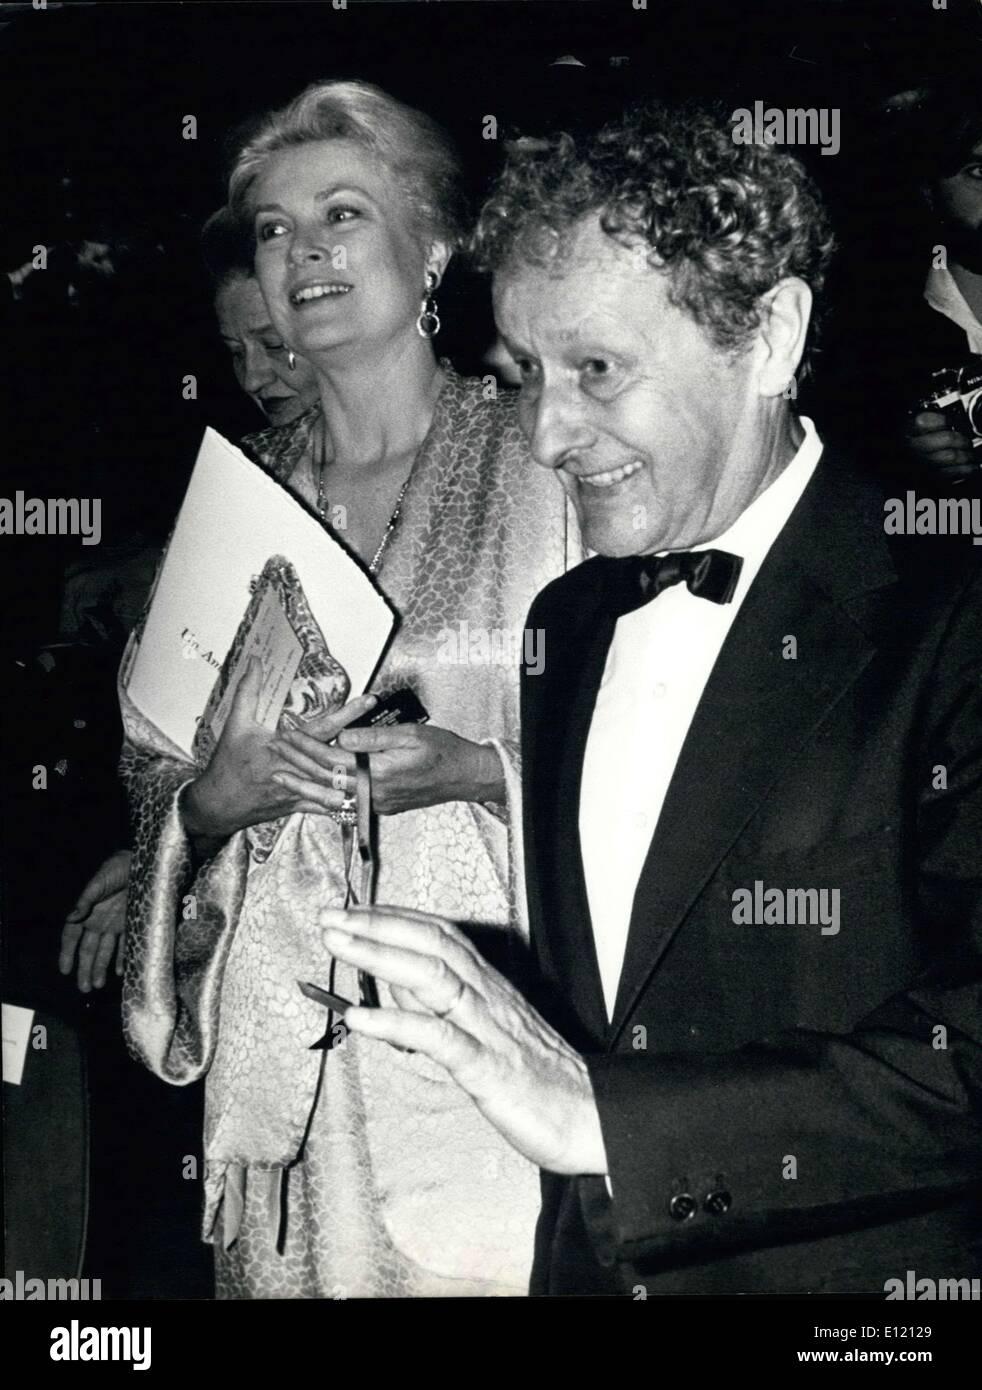 7b12227368 Septembre 18, 1981 - La Princesse Grace de Monaco et Jean-Louis Barrault  Photo